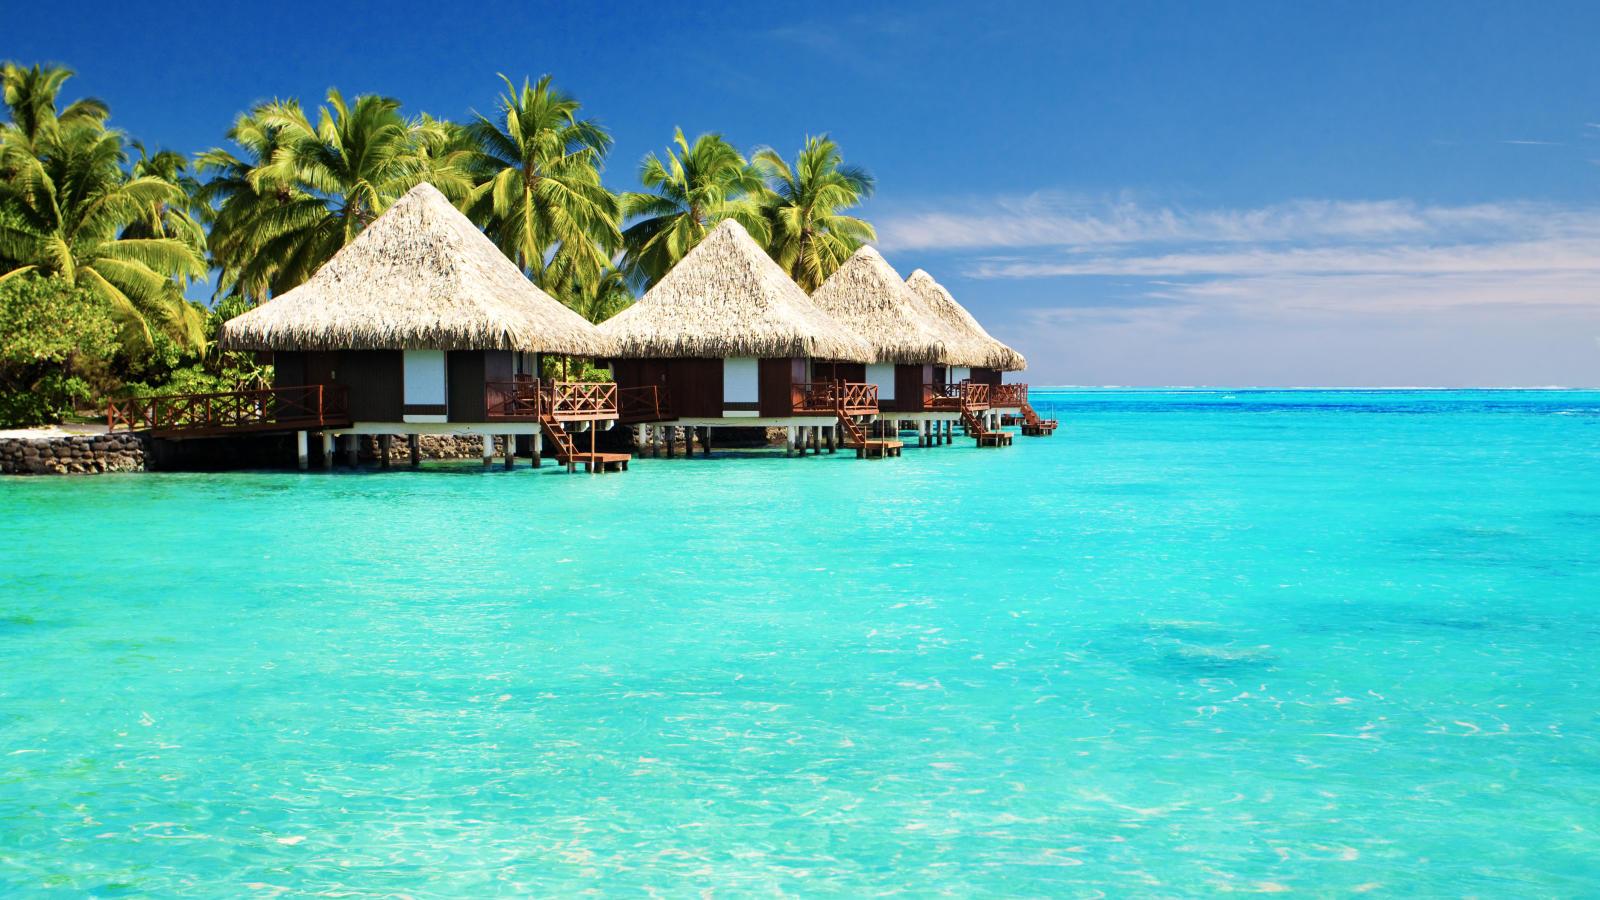 Vacaciones Maldivas - Última Hora Maldivas Holdiays